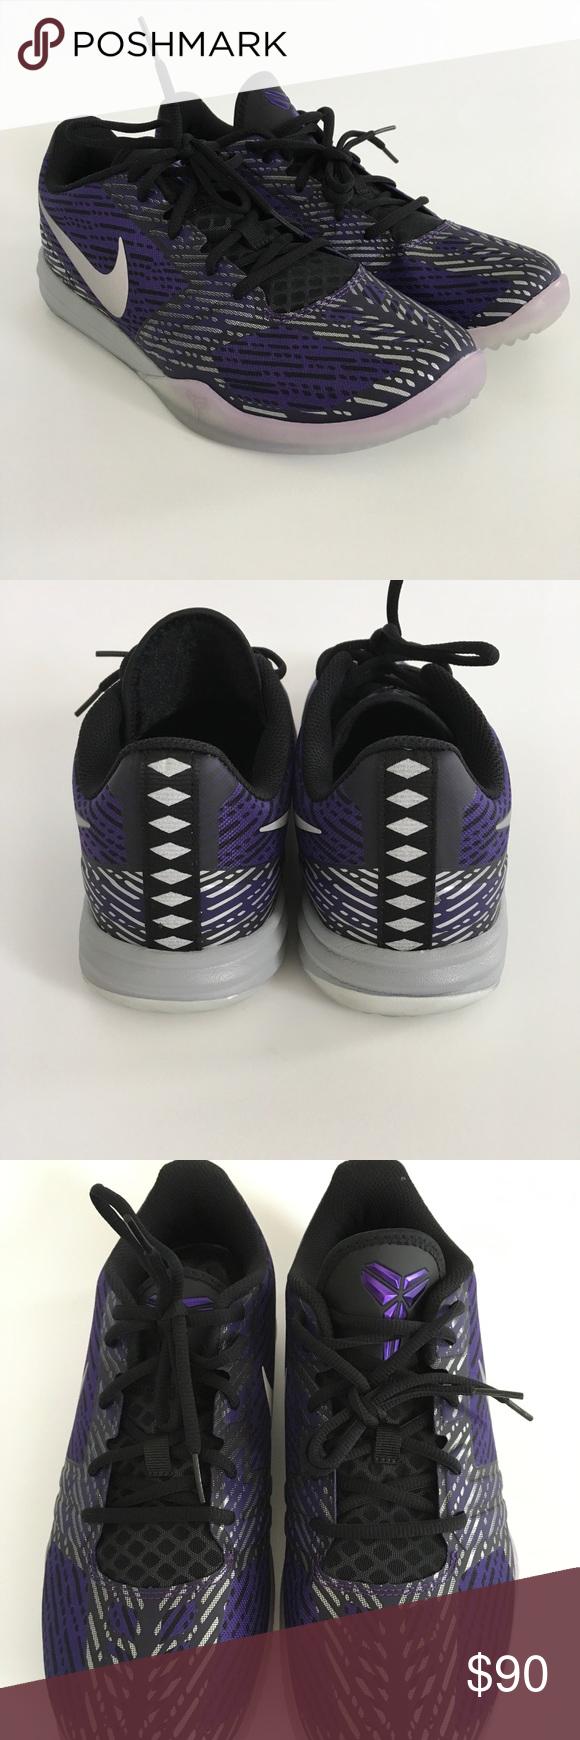 d91da623a9ff NWOT Nike Kobe Mentality basketball shoes NWOT Nike Kobe Mentality  basketball shoes size 10